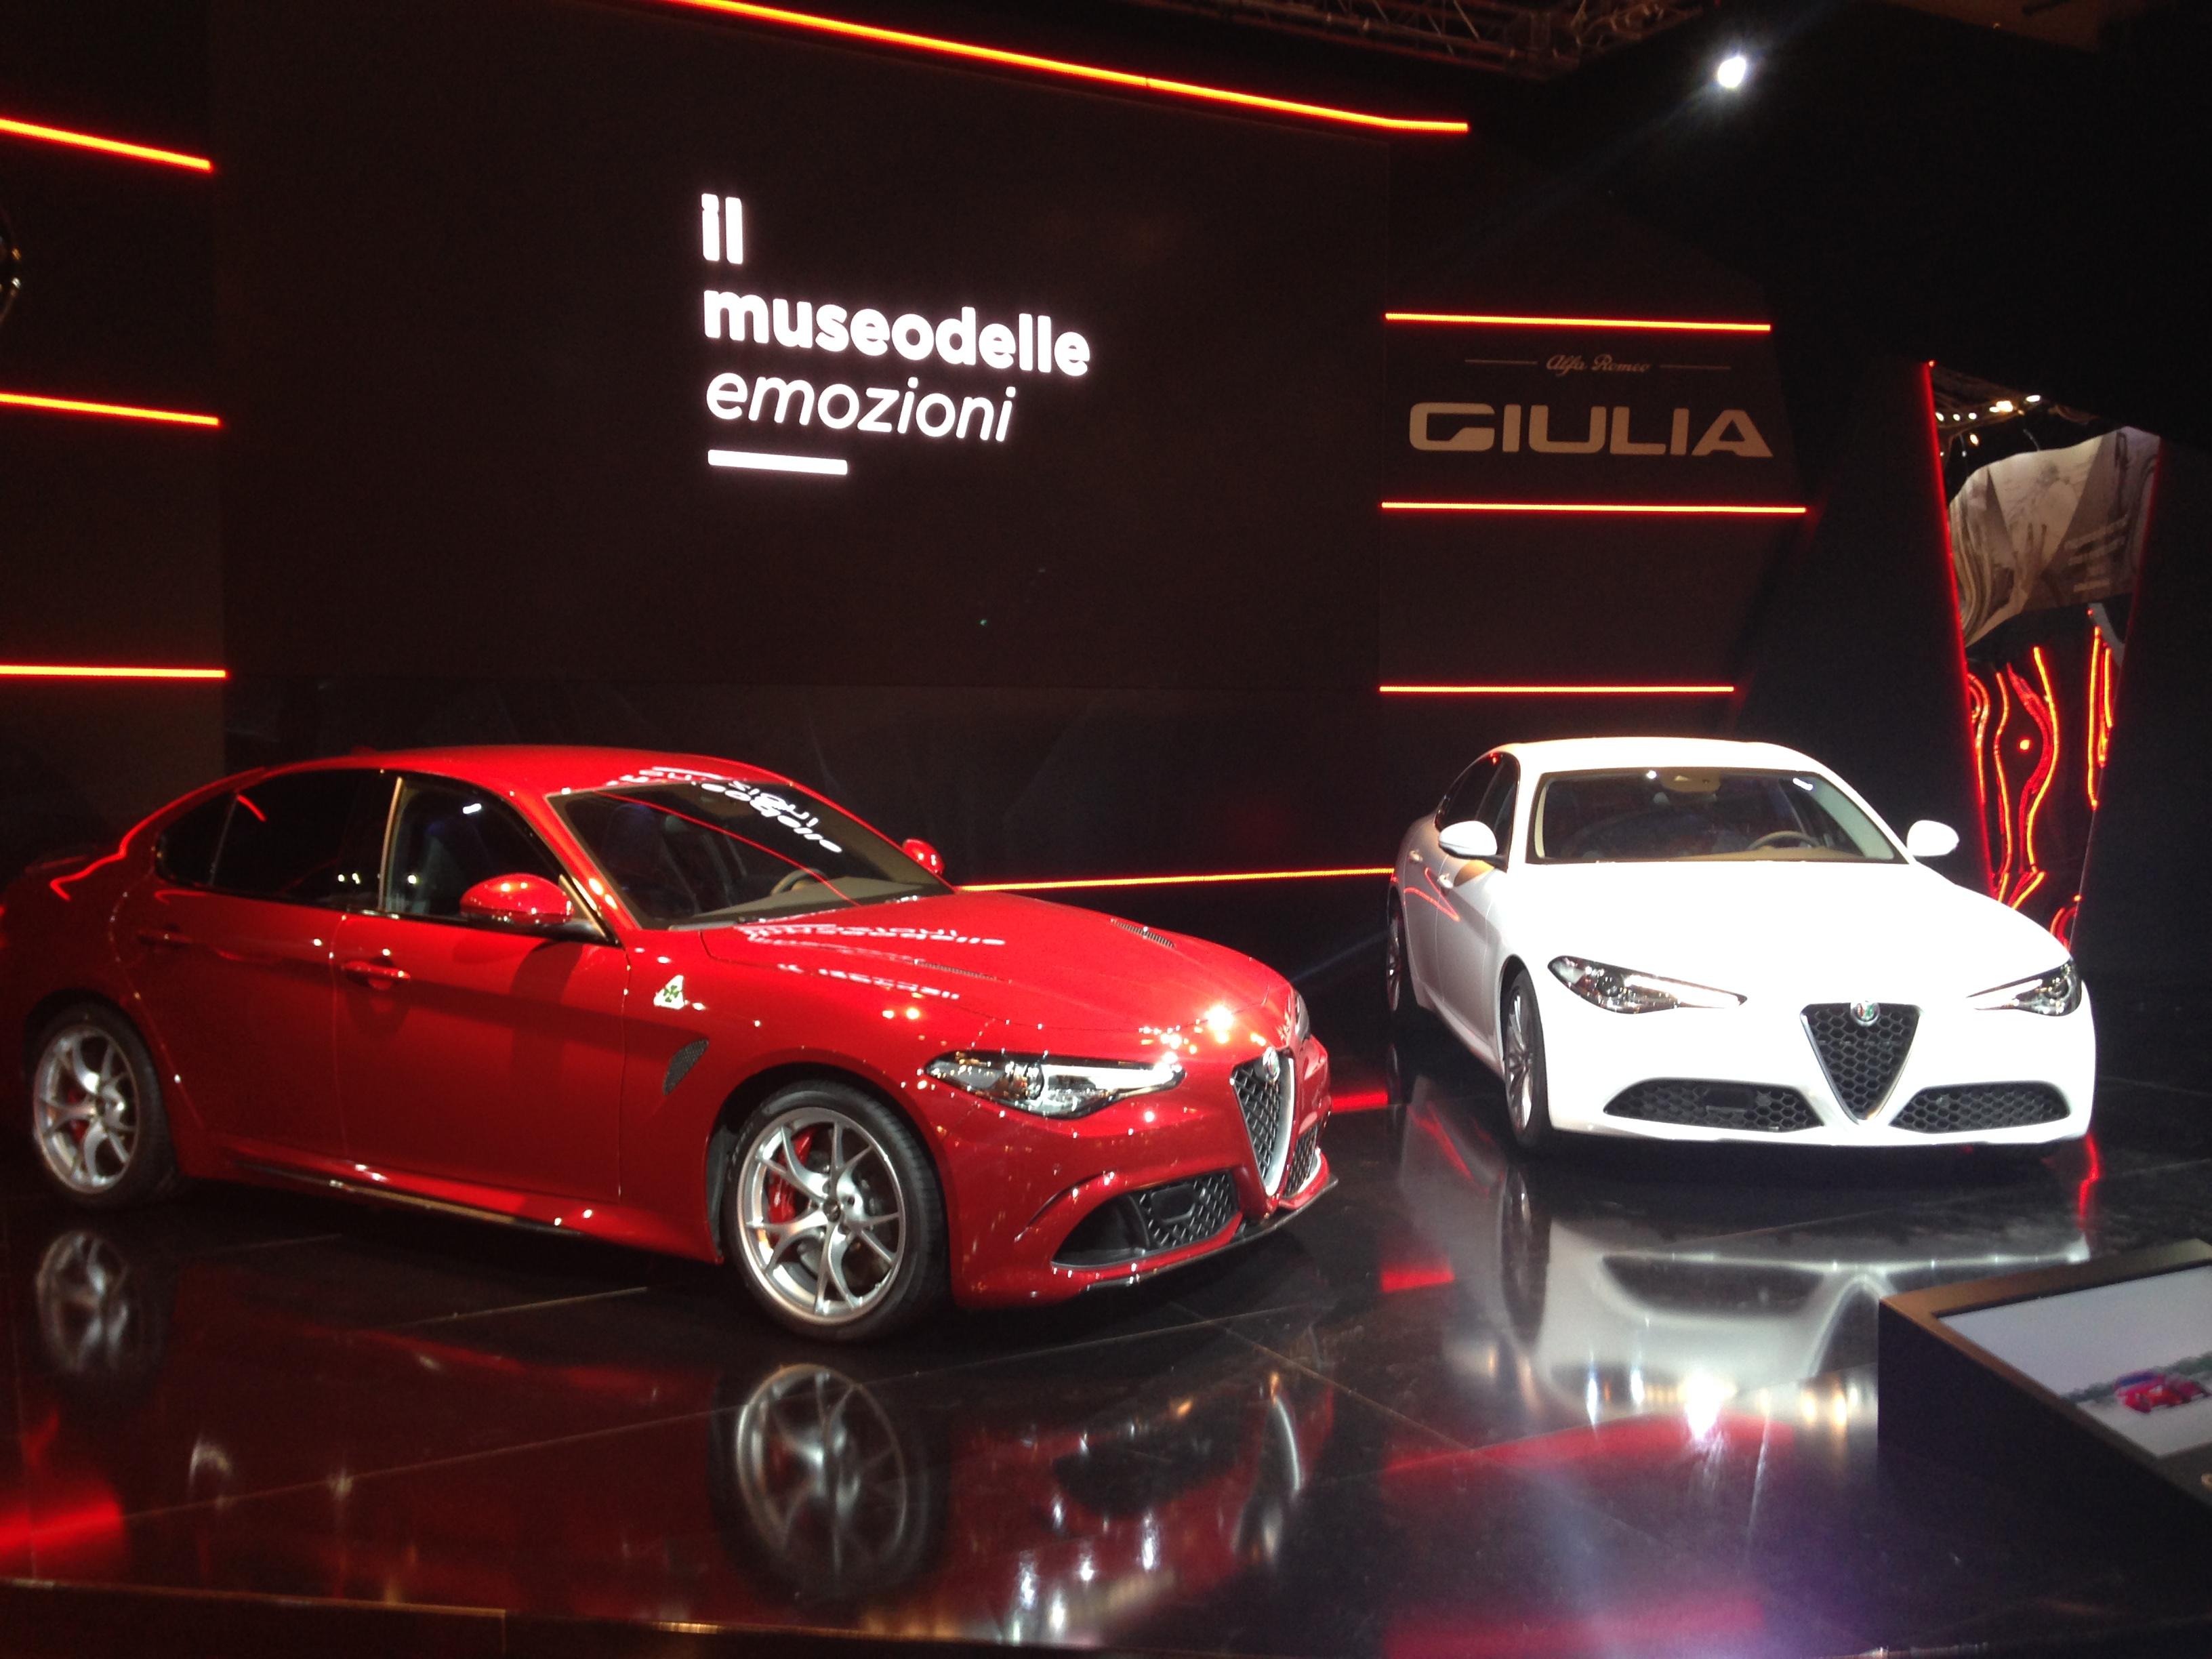 Alfa Romeo Il Museo Delle Emozioni Automitico (16)